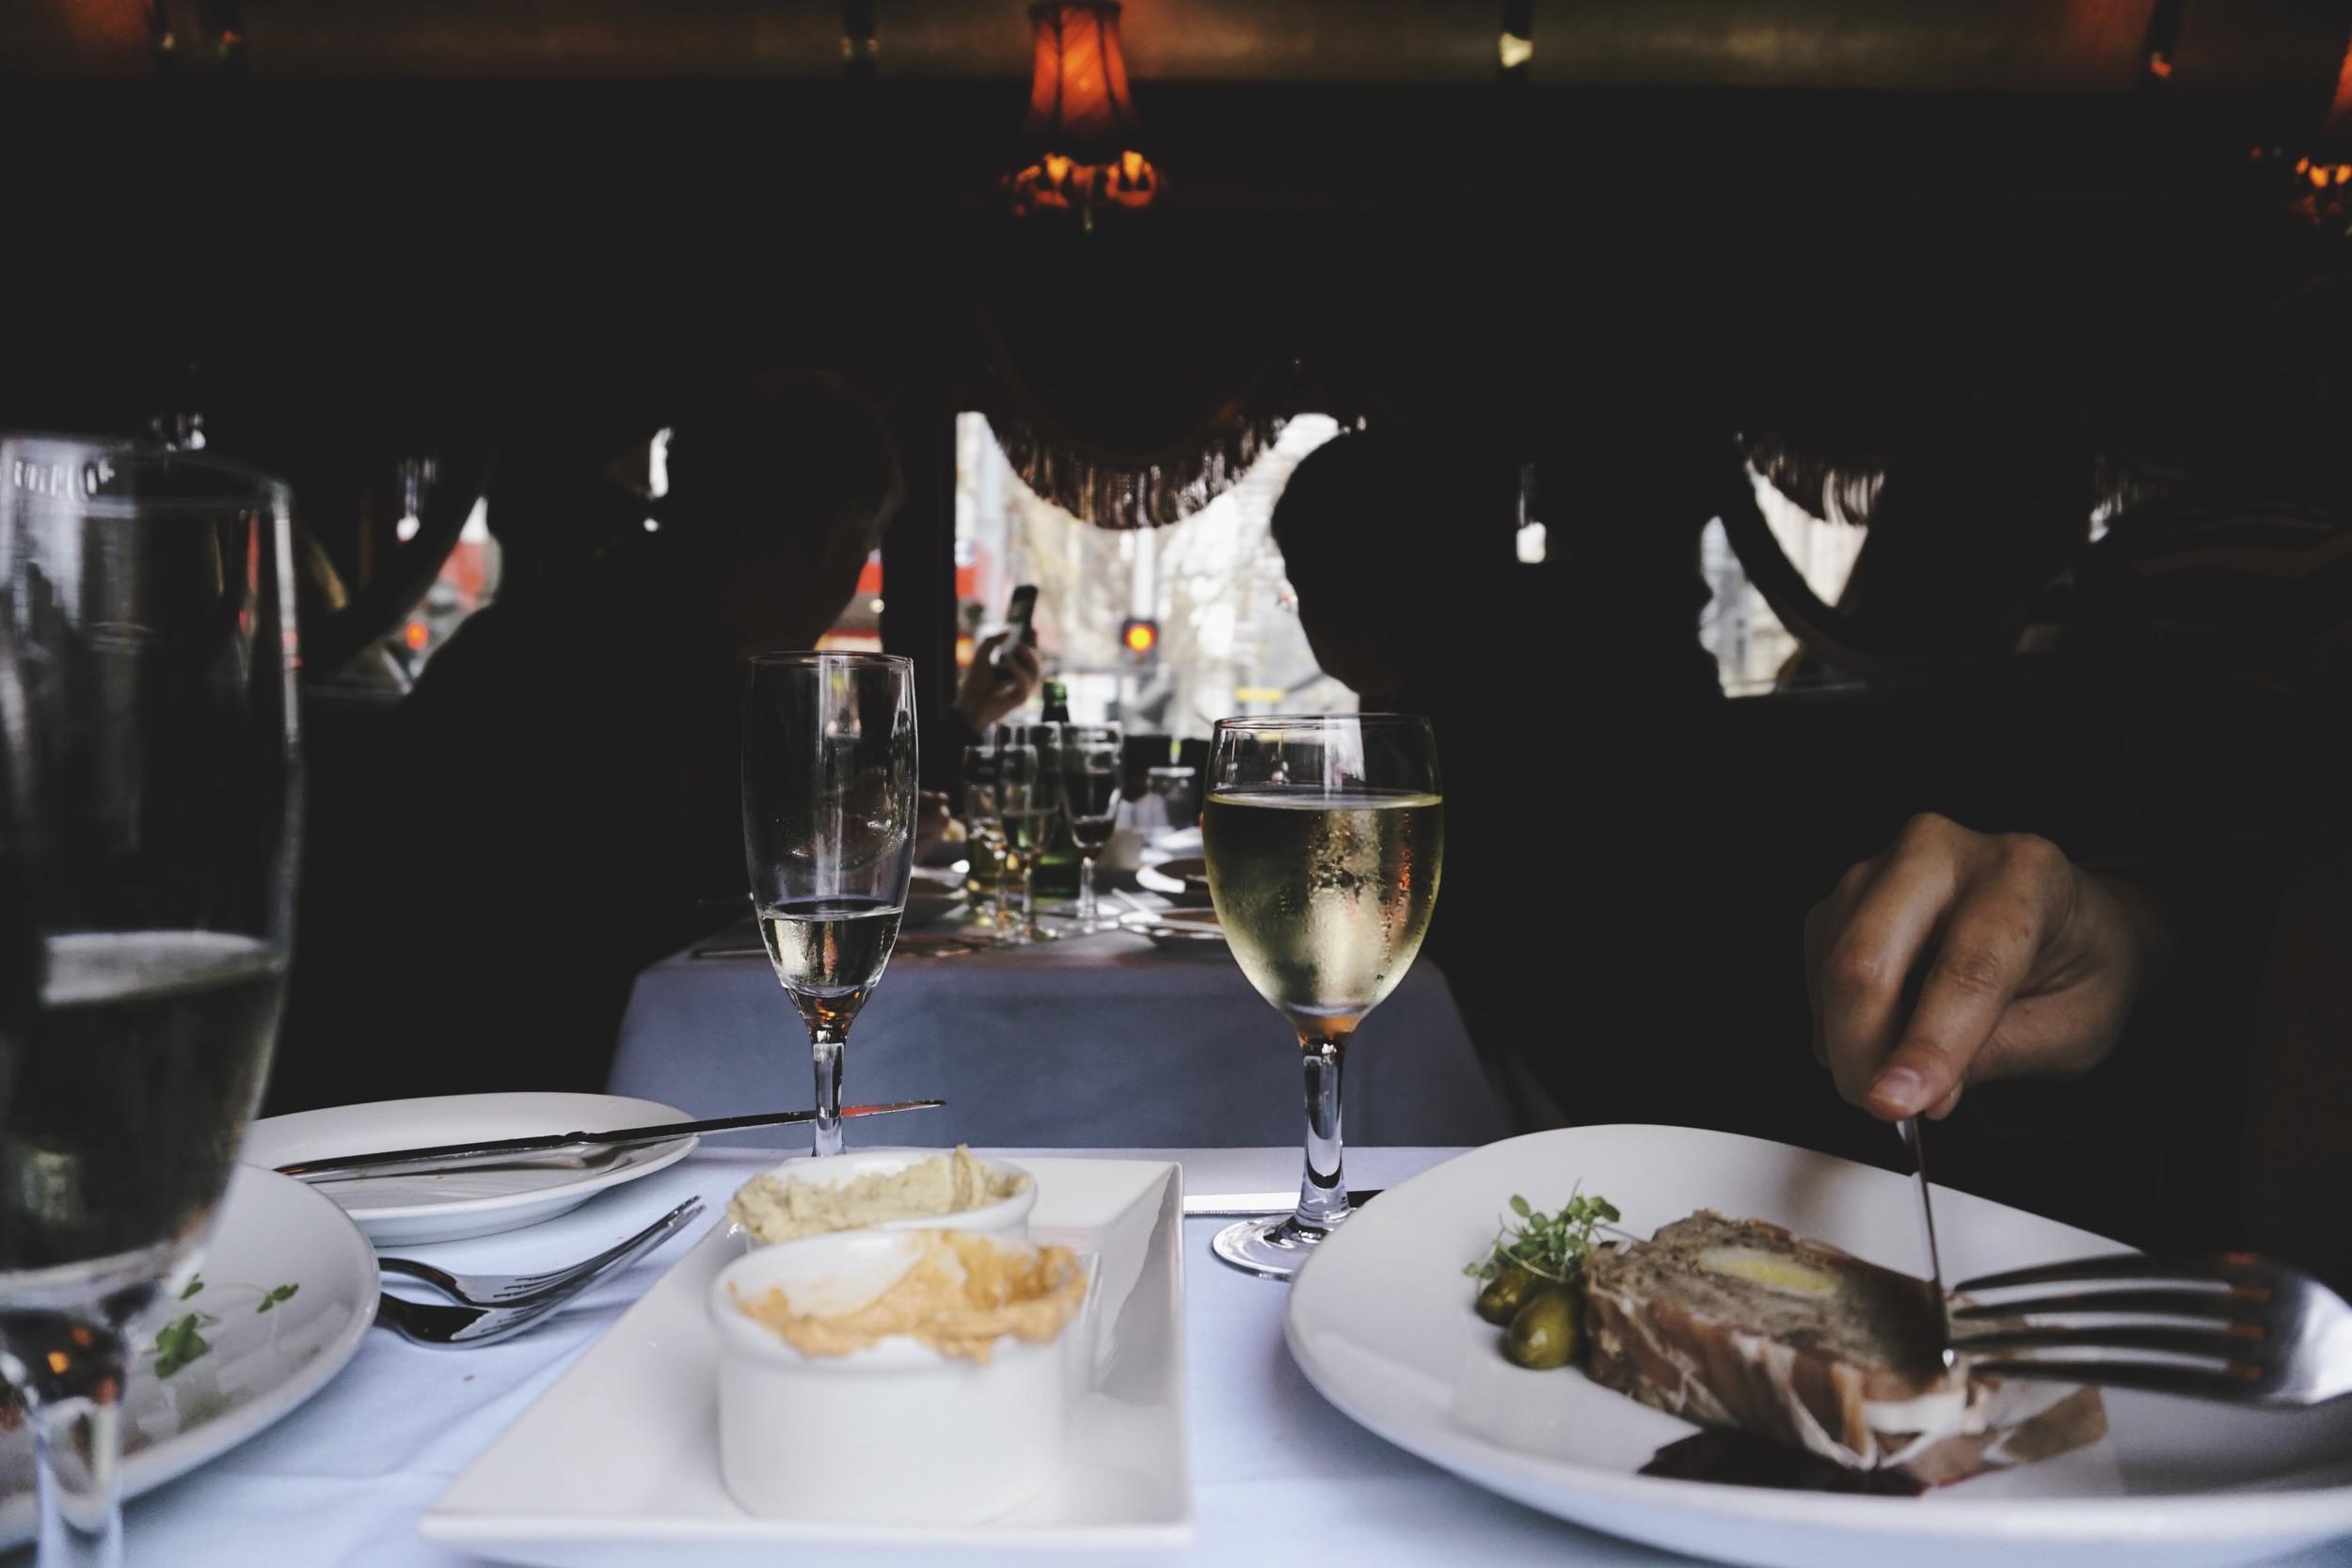 tramcar_restaurant_ripejournal3